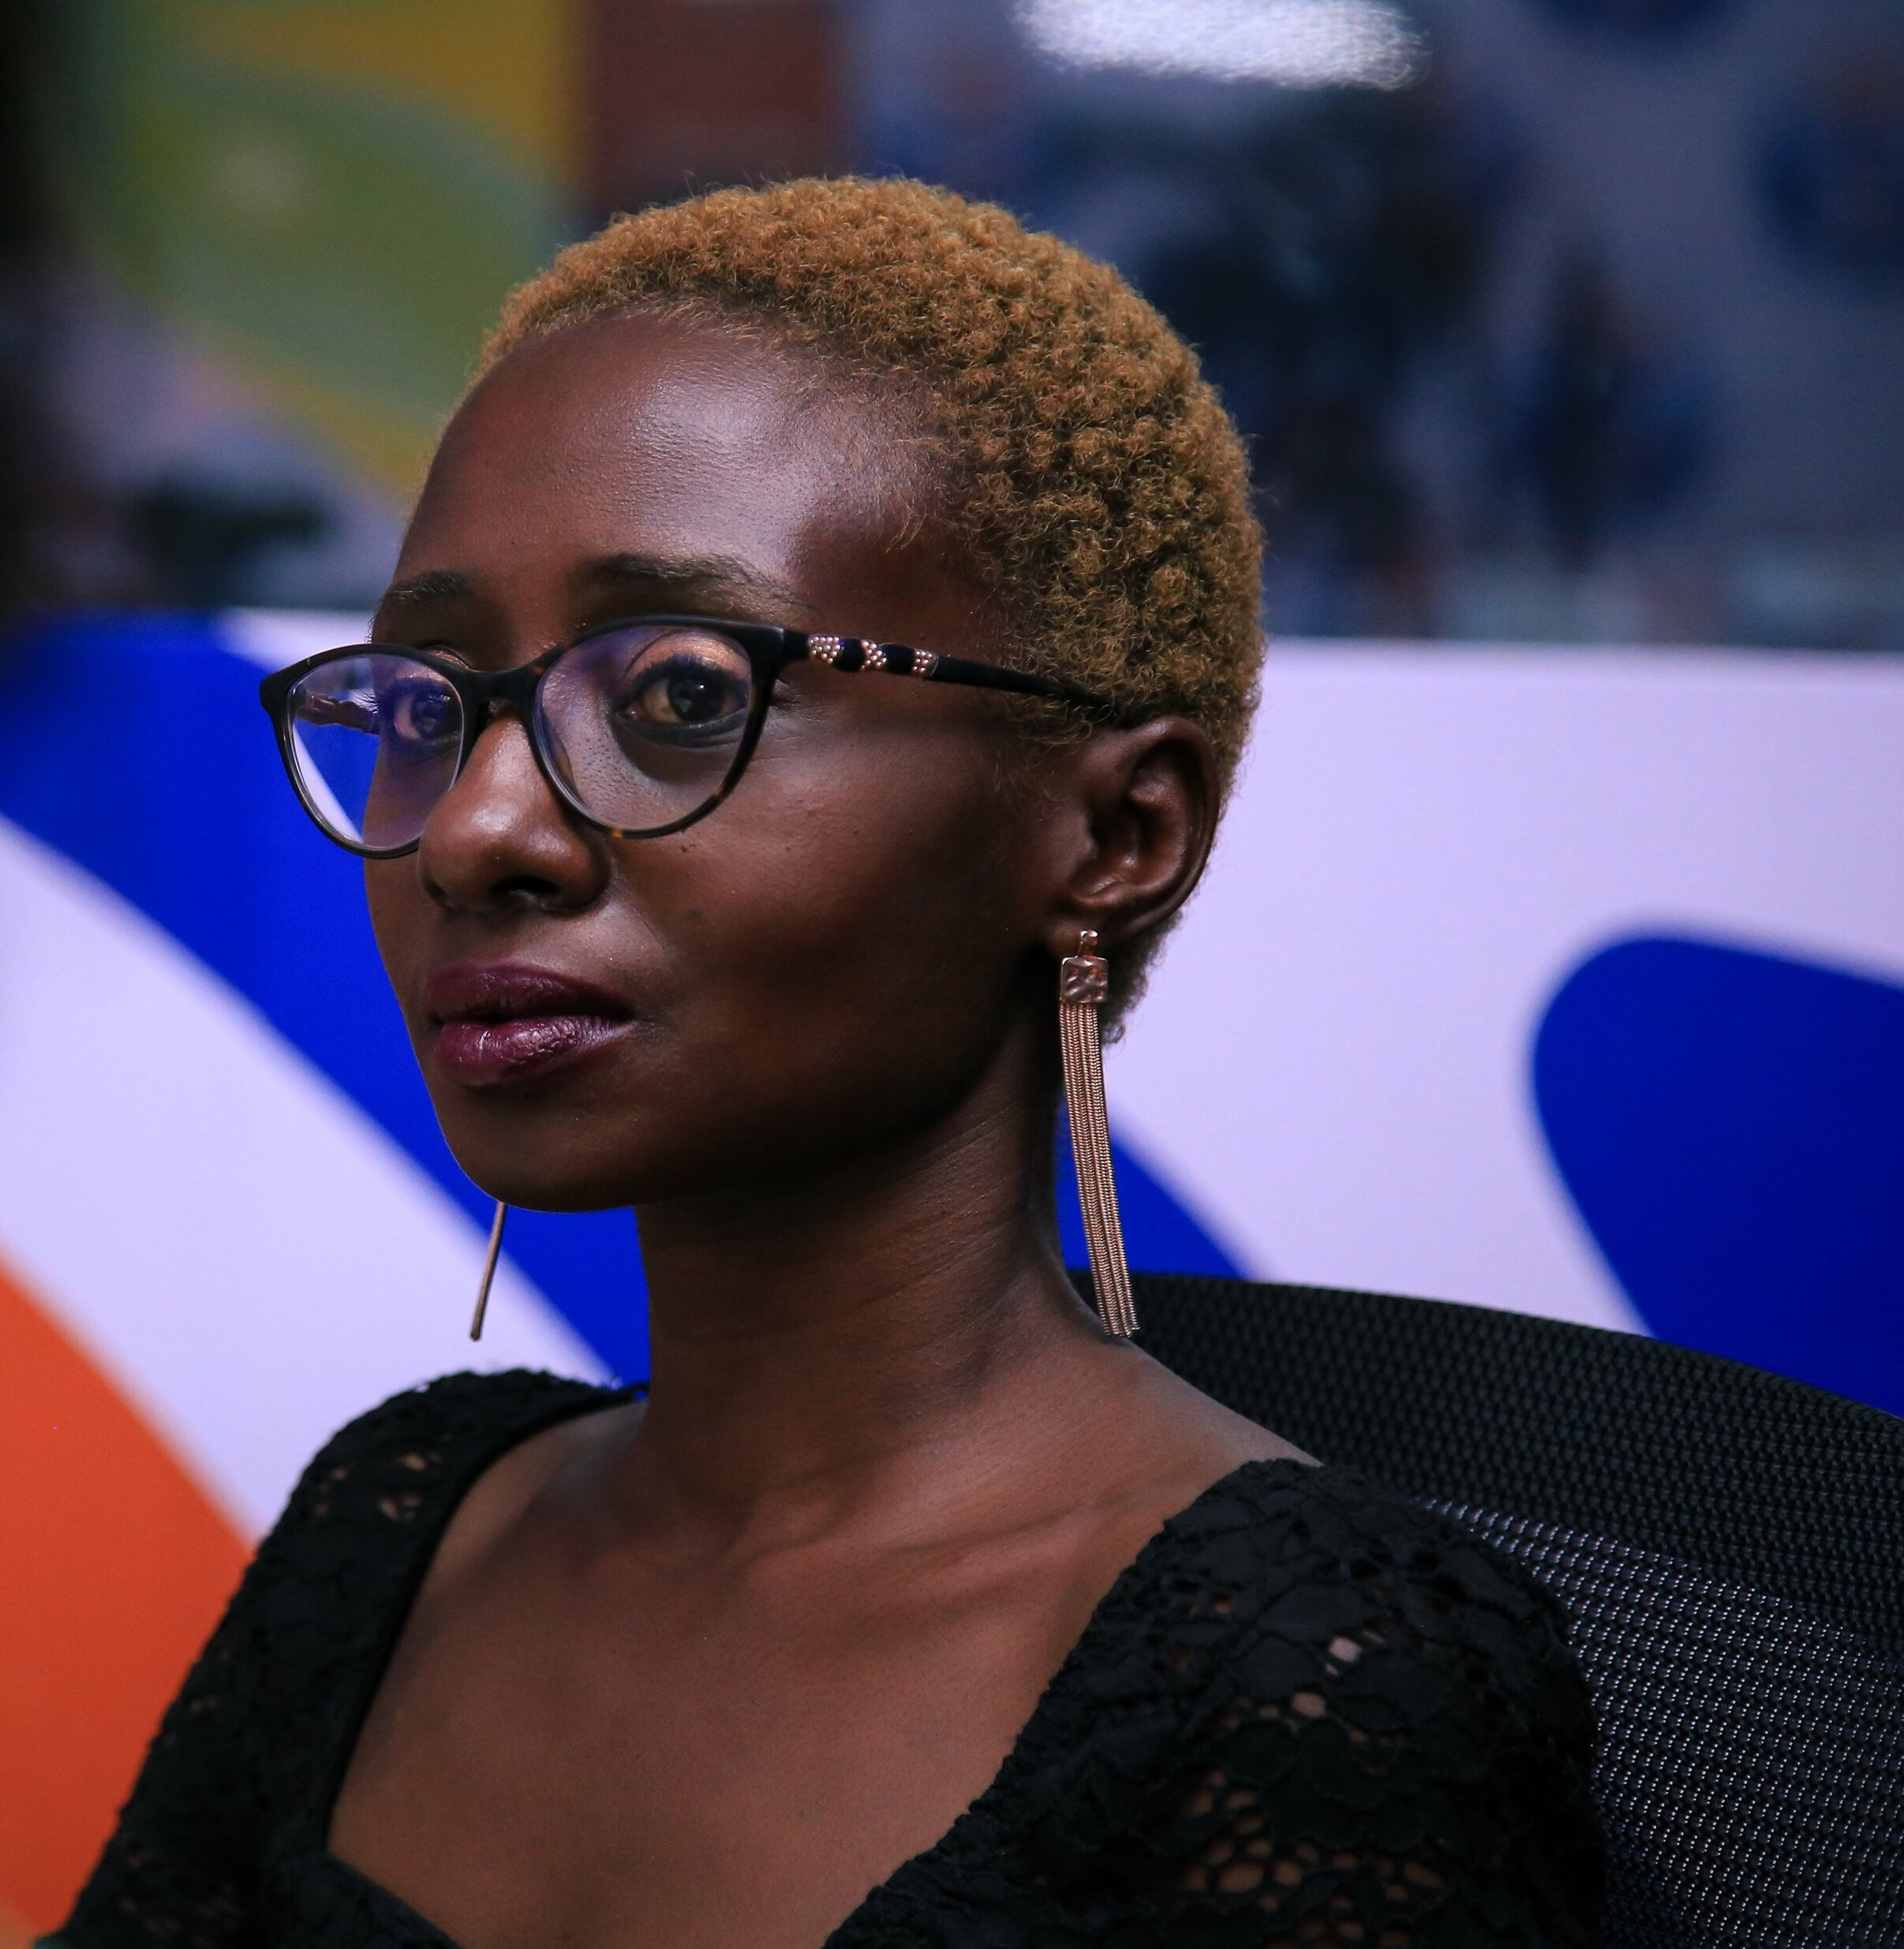 Portait photo de Lindsey Kukunda, militante ougandaise, prise légèrement de profil. Elle a le regard fier et déterminé.